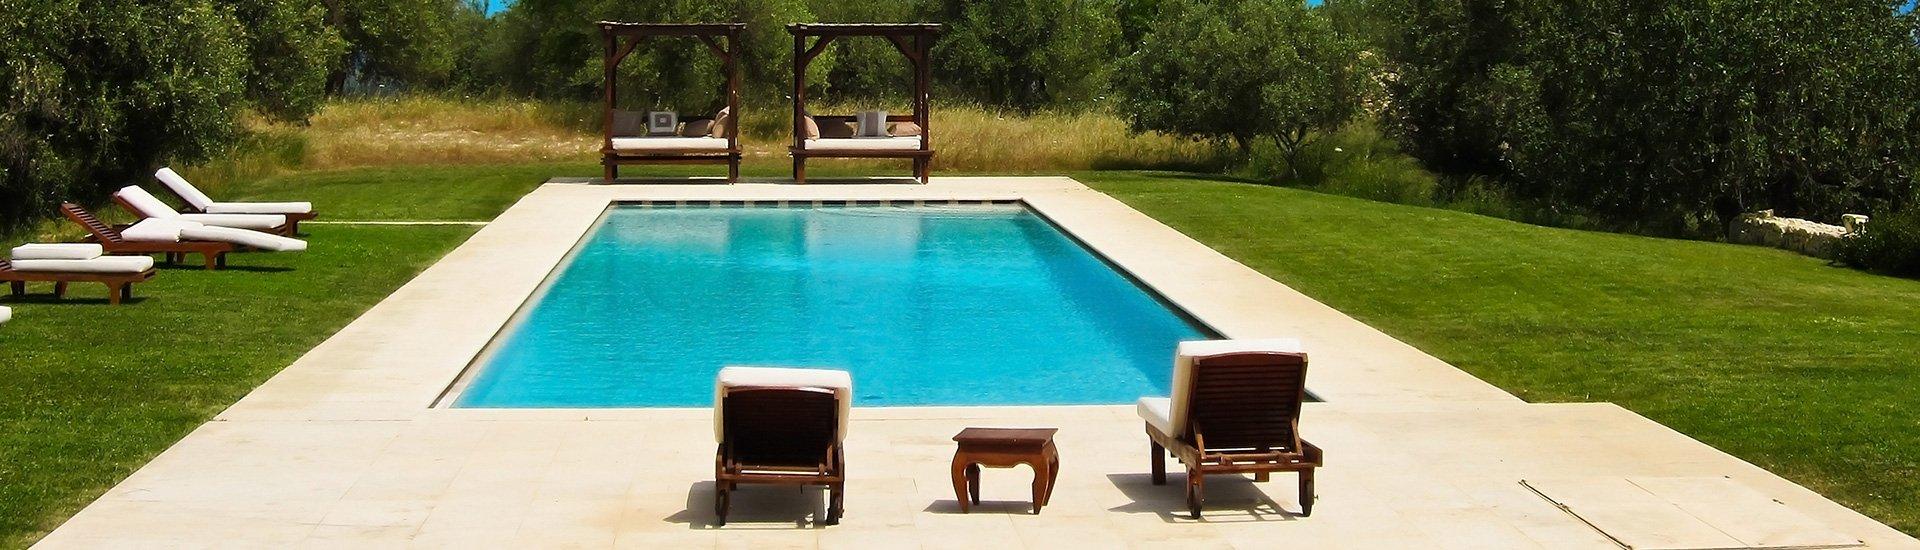 Piscine interrate costi piscine in acciaio l with piscina - Costi piscina interrata ...